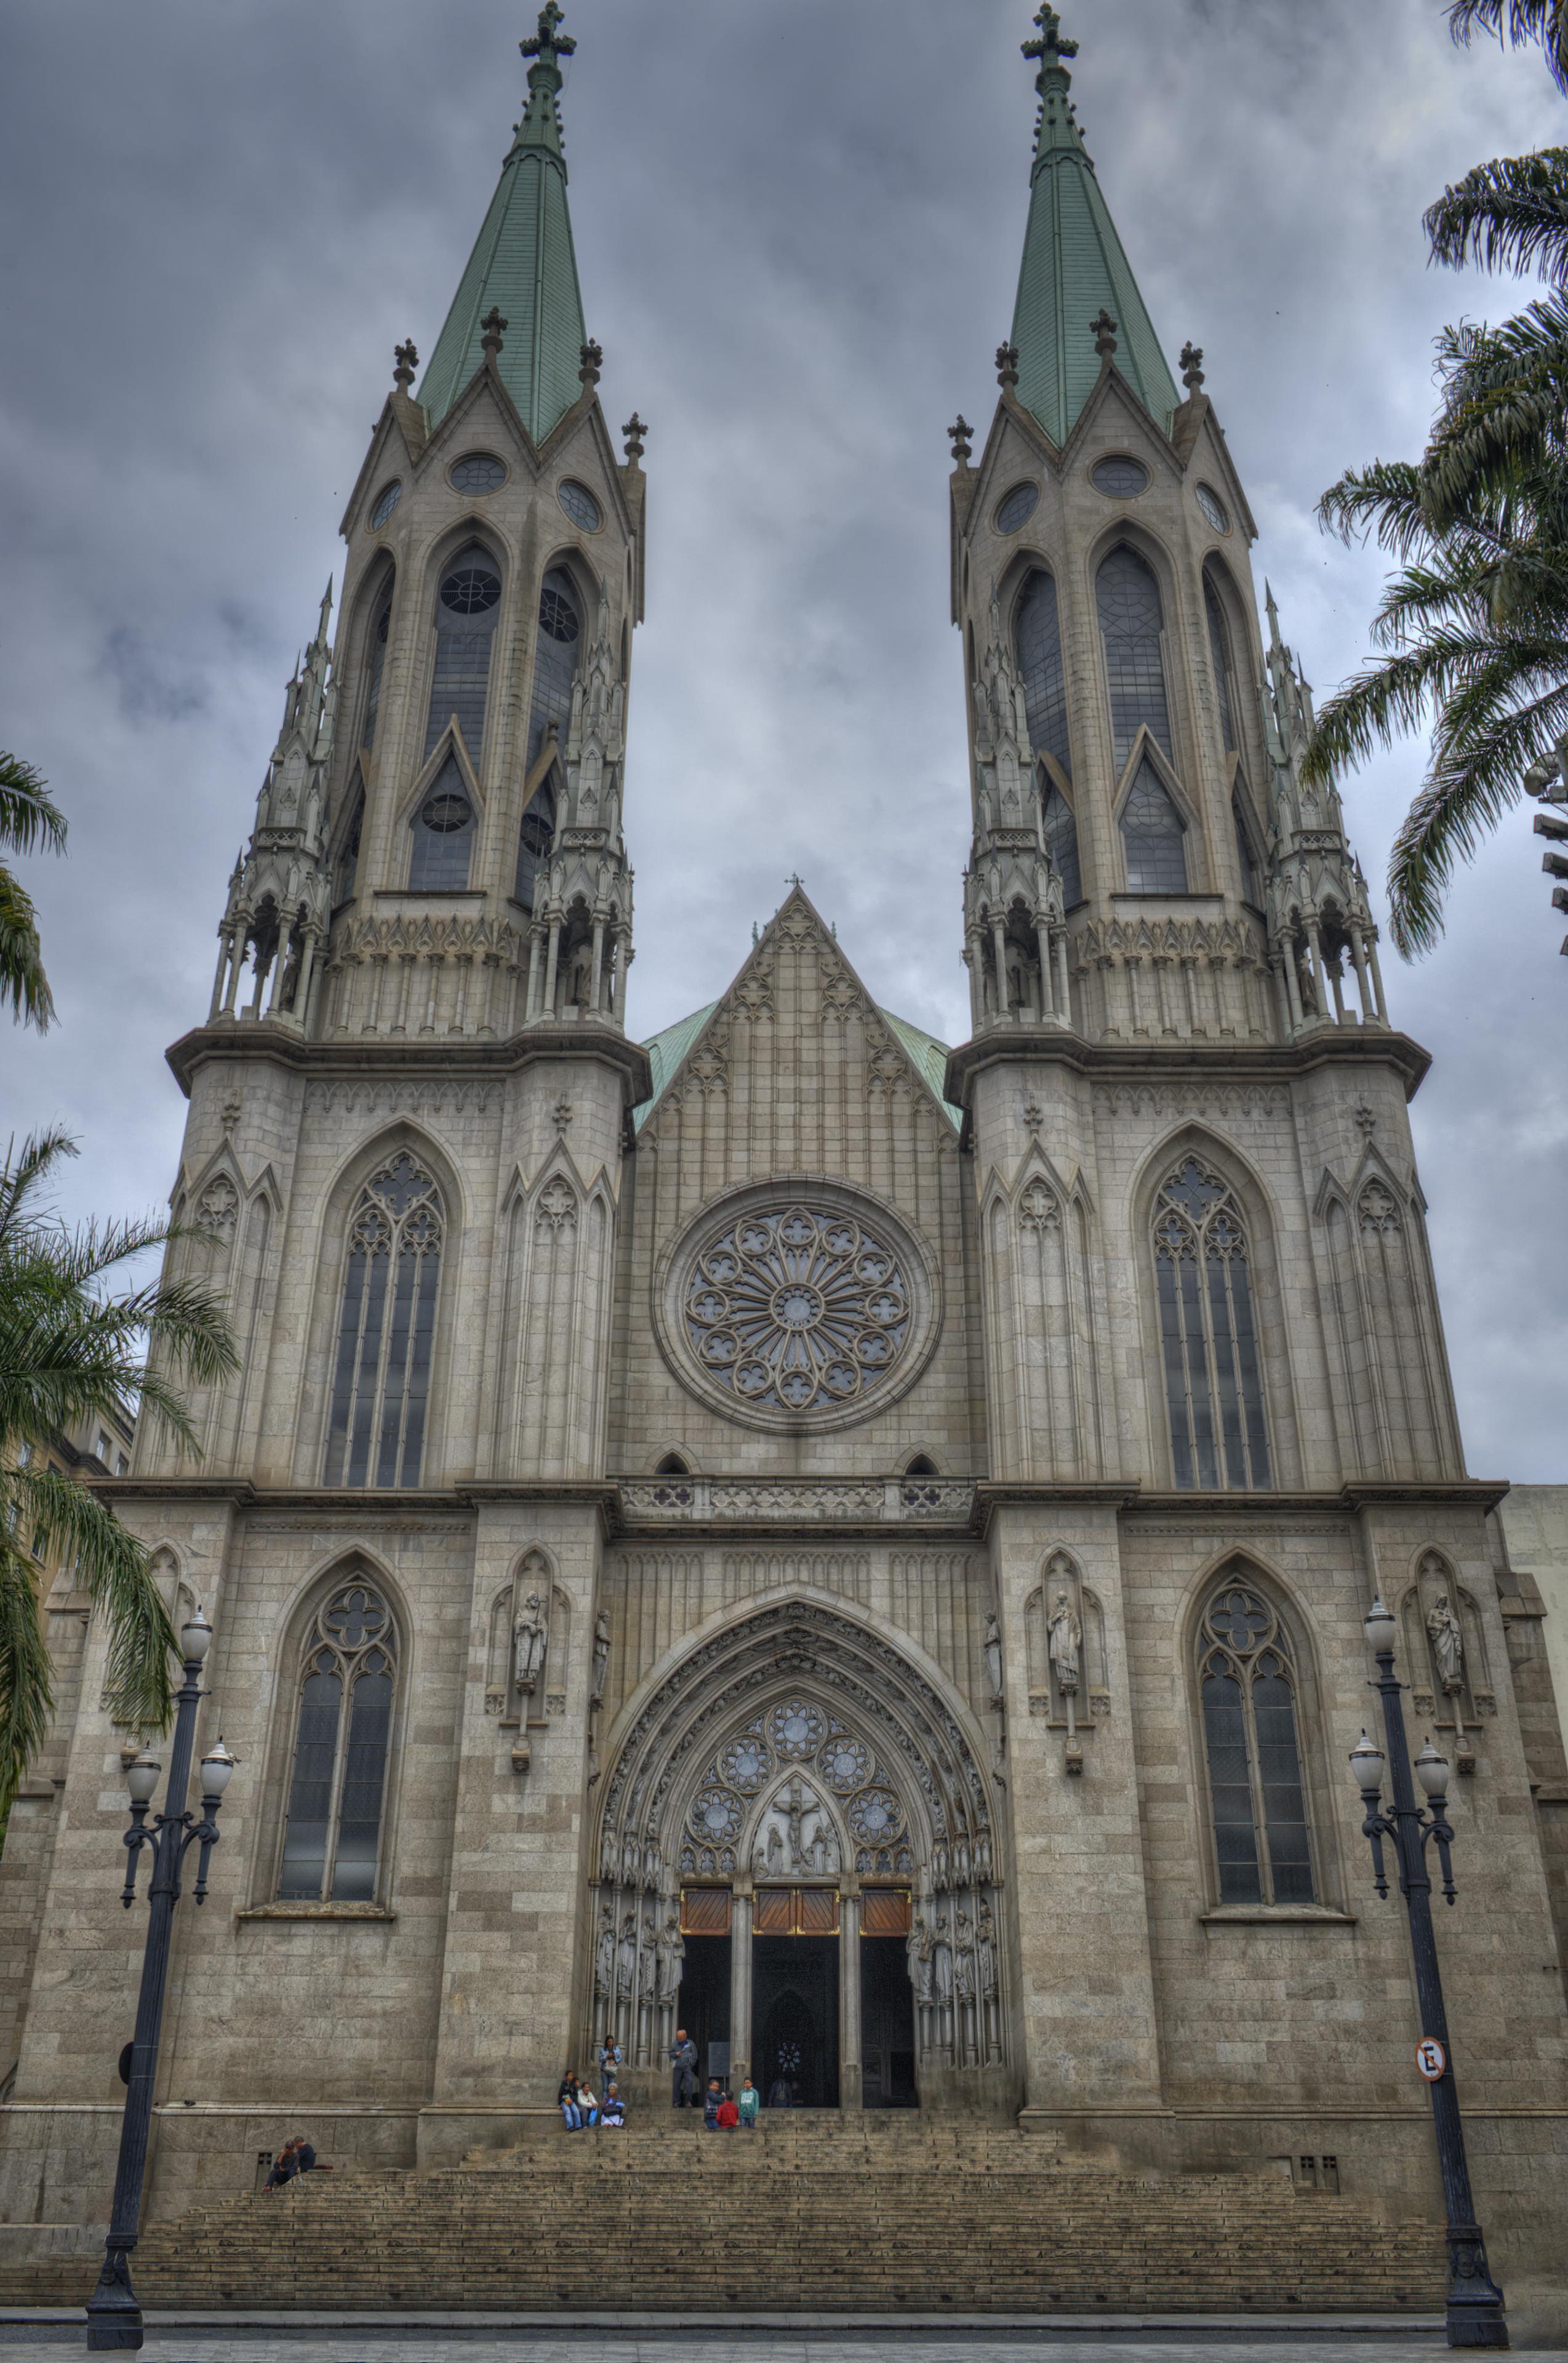 Catedral da Se of Sao Paulo